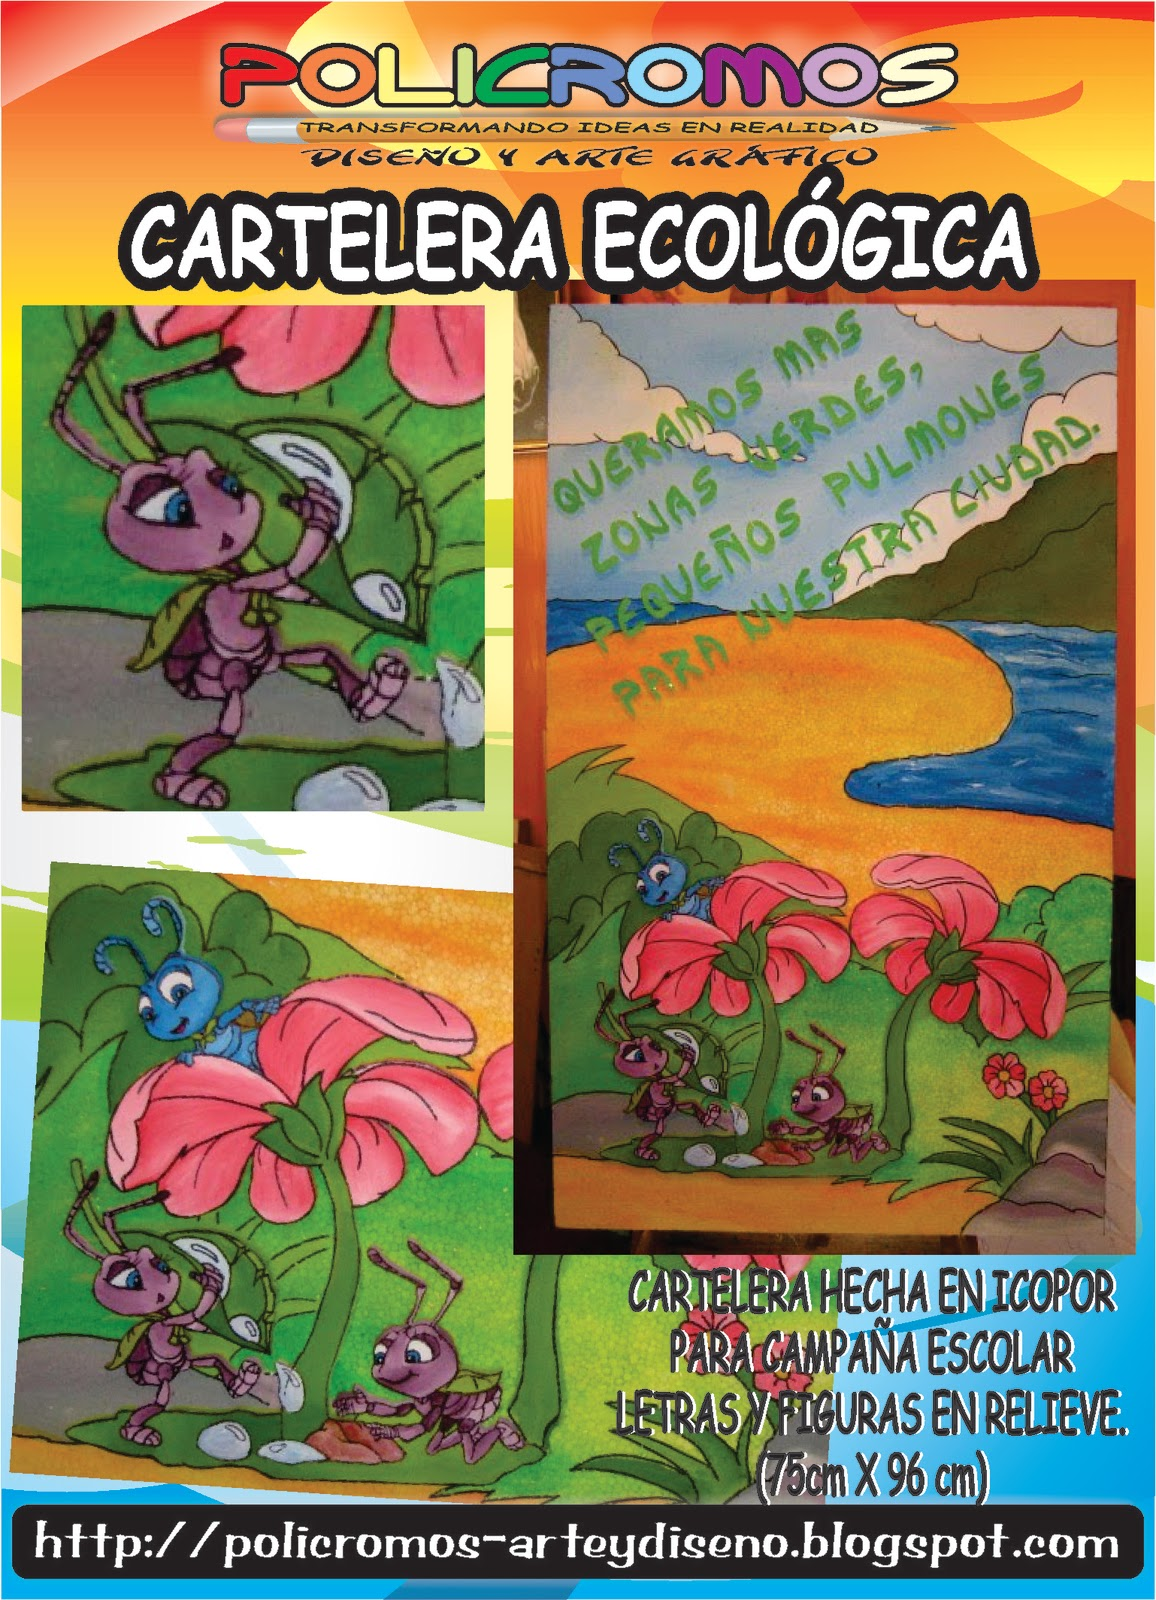 CARTELERAS ESPECIALES EN ICOPOR